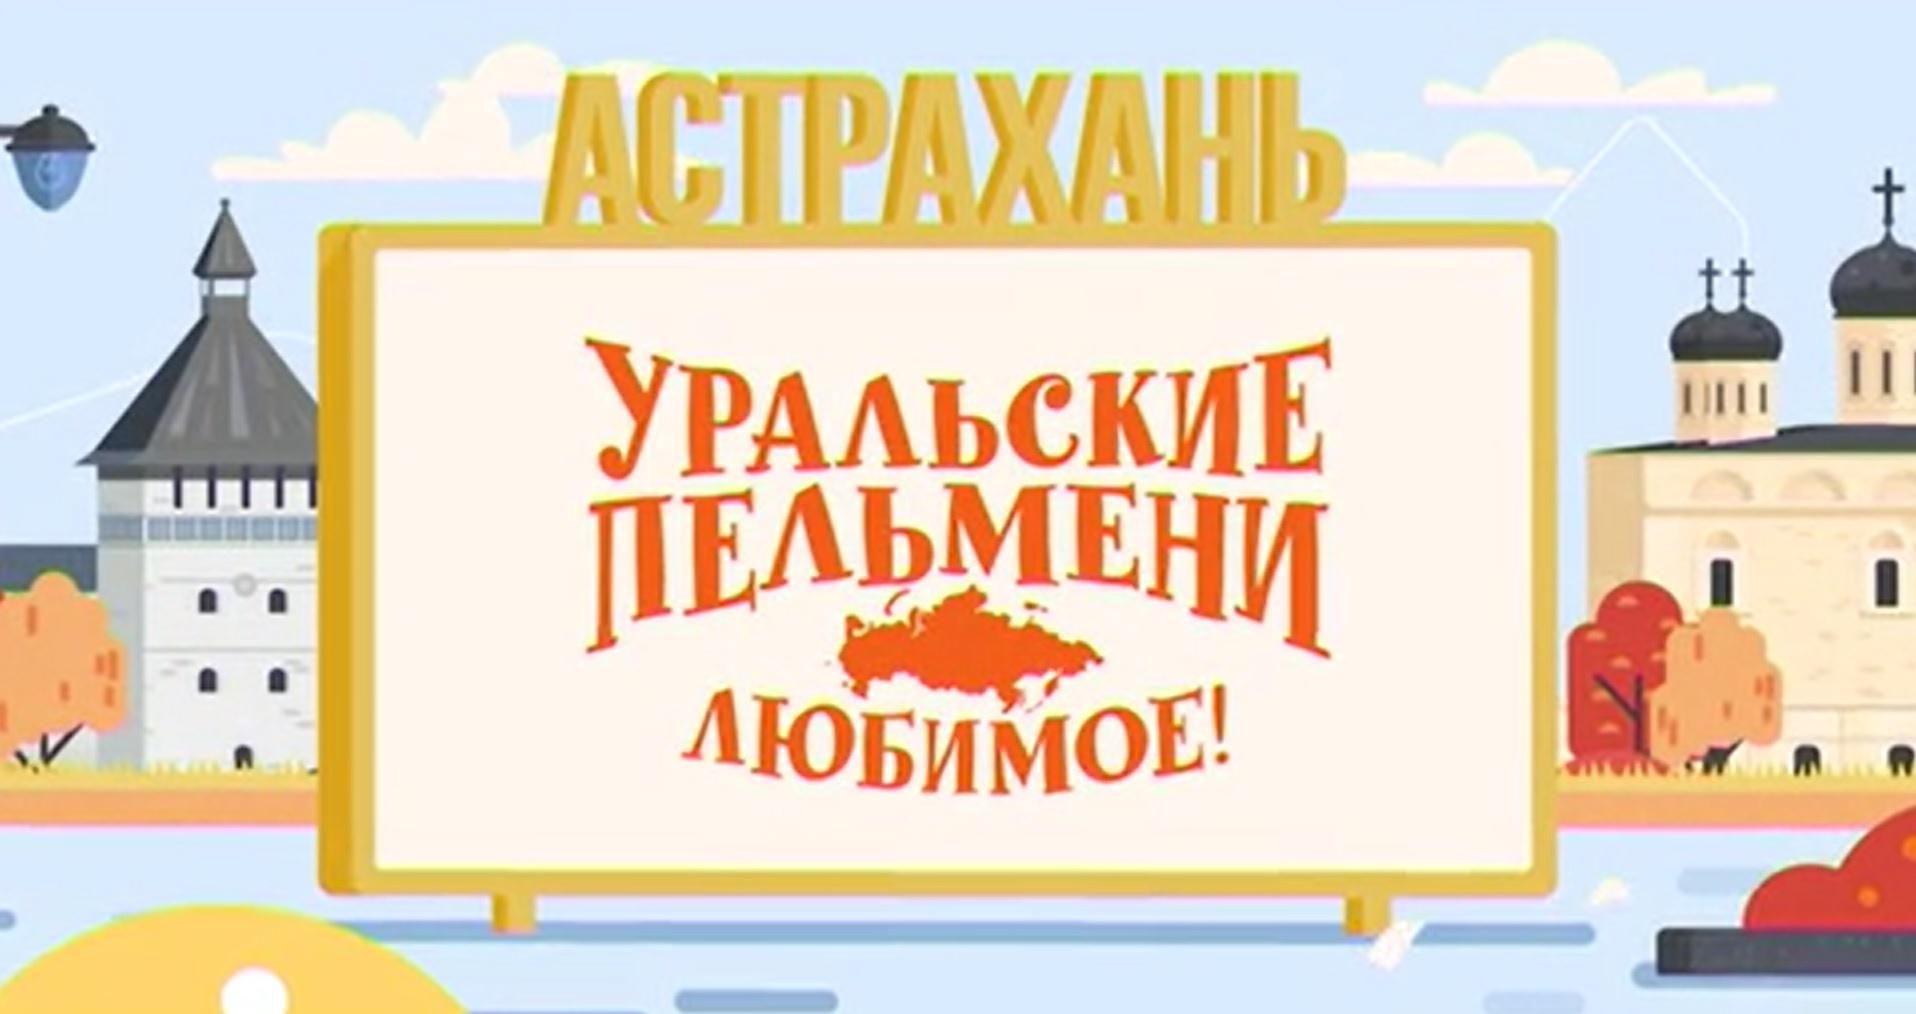 Творческий коллектив Уральские Пельмени Уральские пельмени. Любимое. Астрахань утюг браун 785